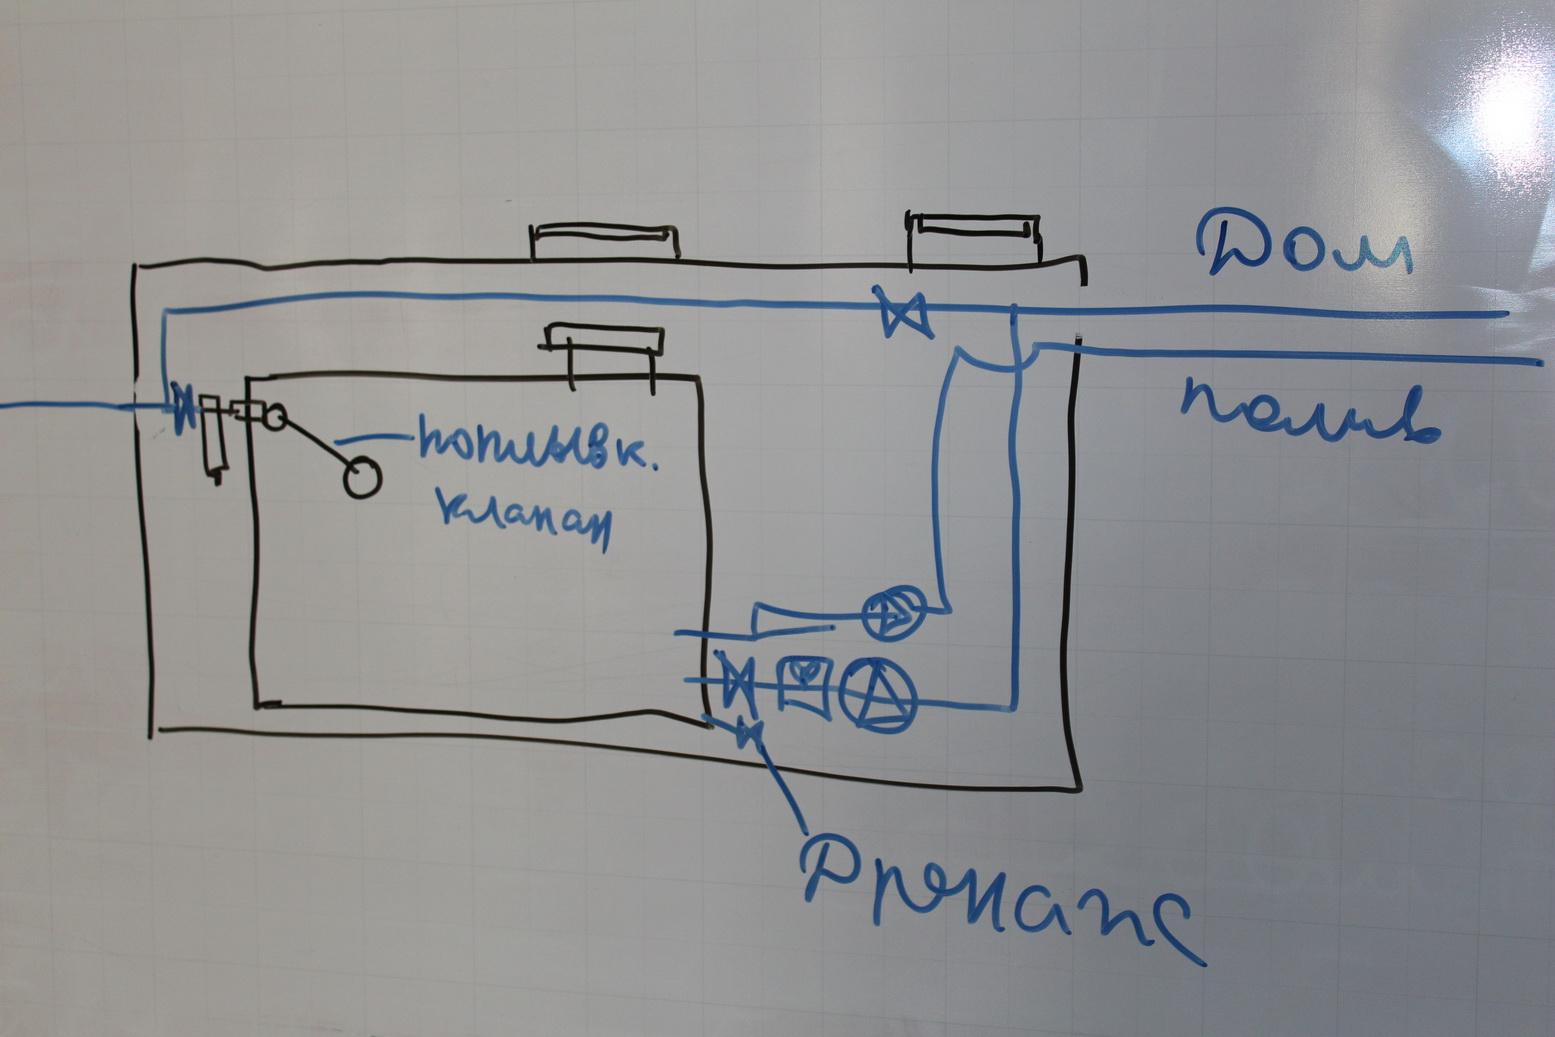 схема бункера с емкостью и зоной эксплуатации.